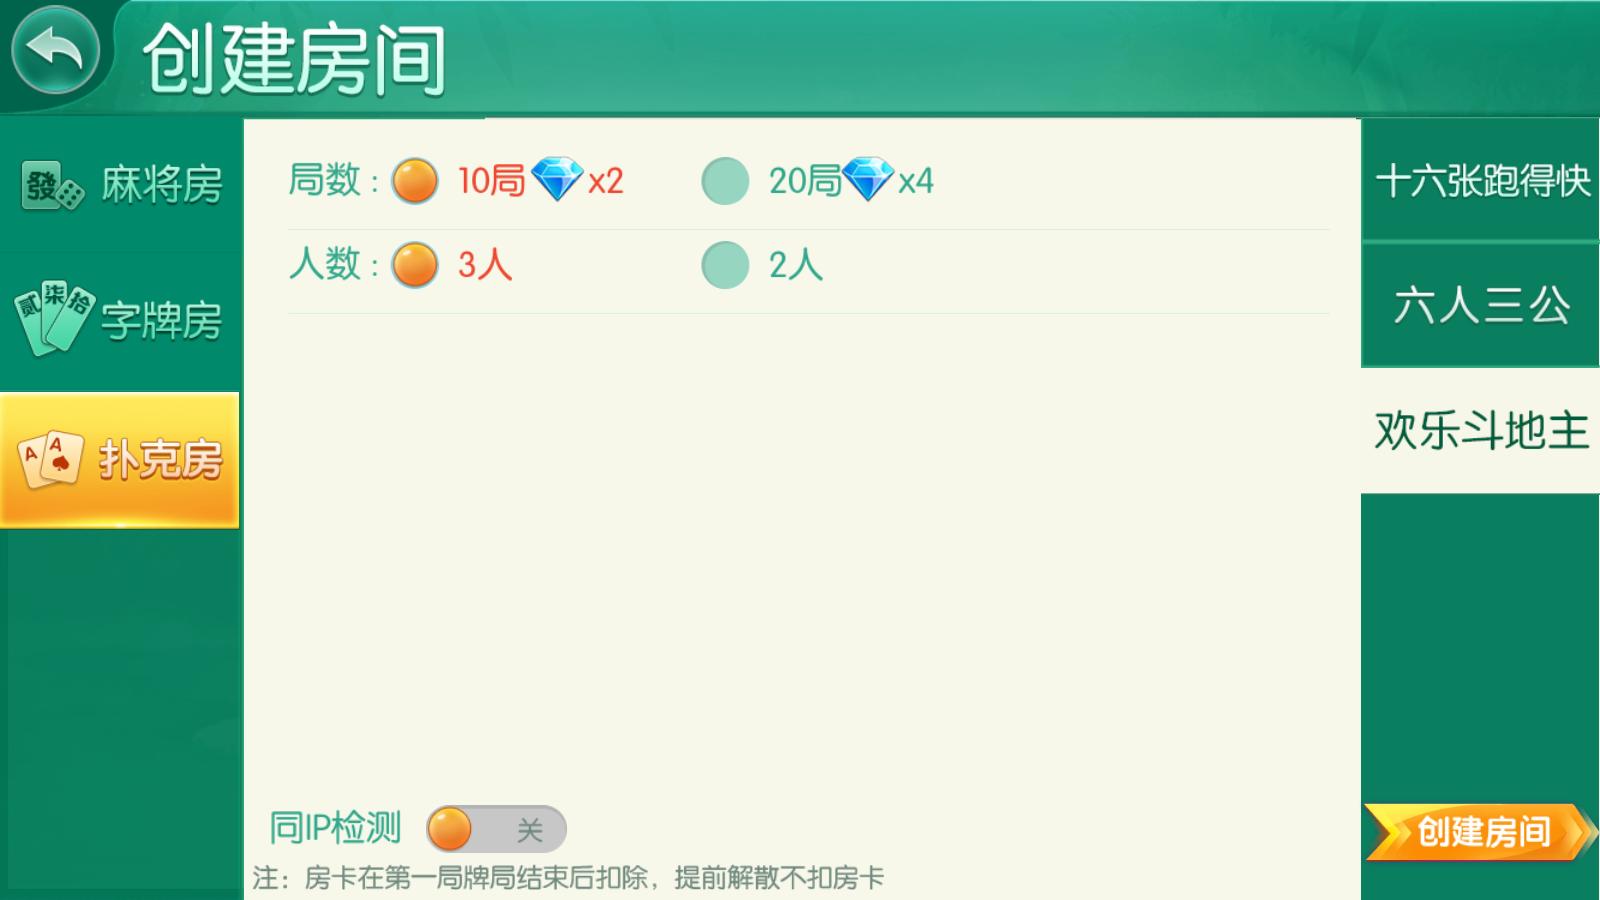 网狐二开跑胡子合集 麻将游戏 字牌游戏 扑克游戏 完整整理-第20张